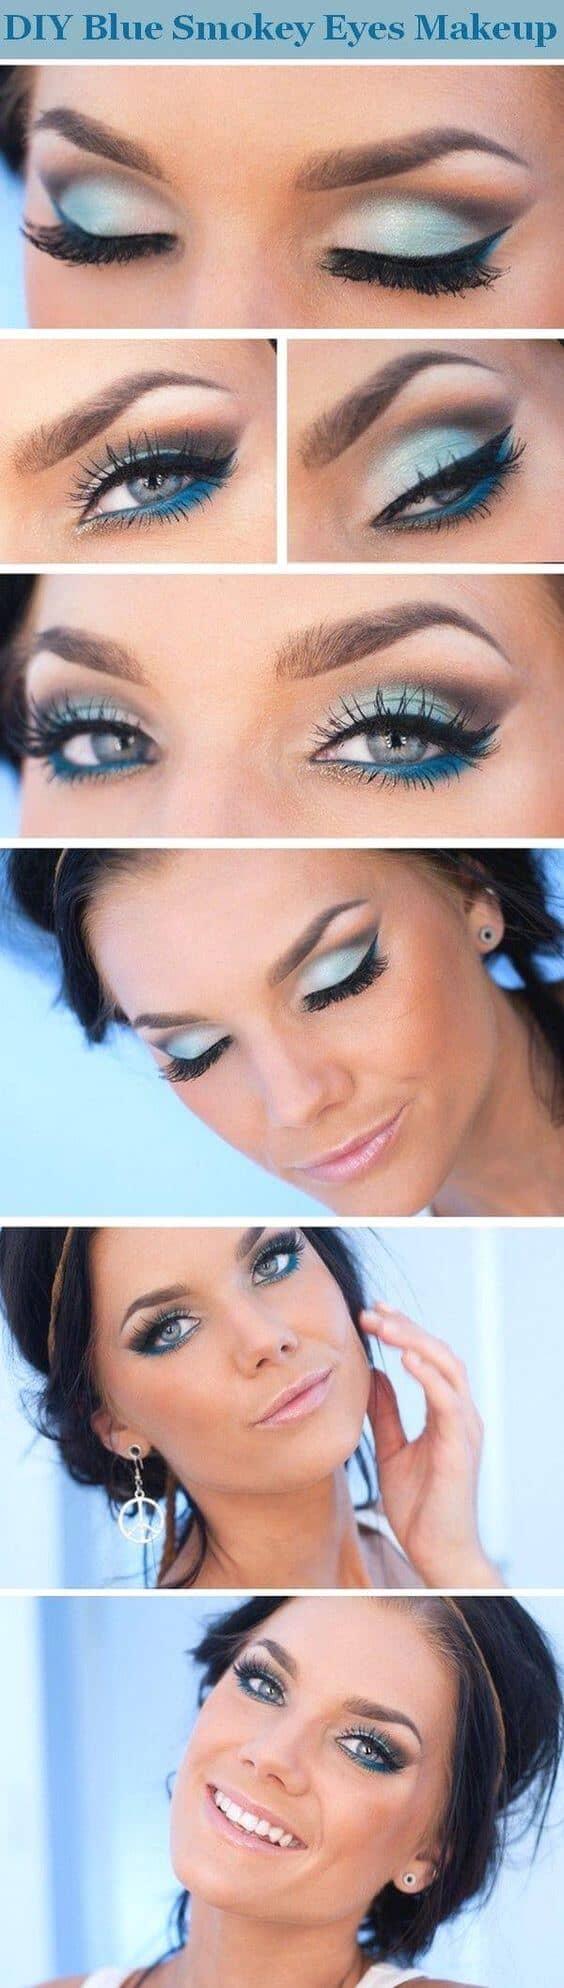 Princess Jasmine-Inspired Smoky Blue Makeup